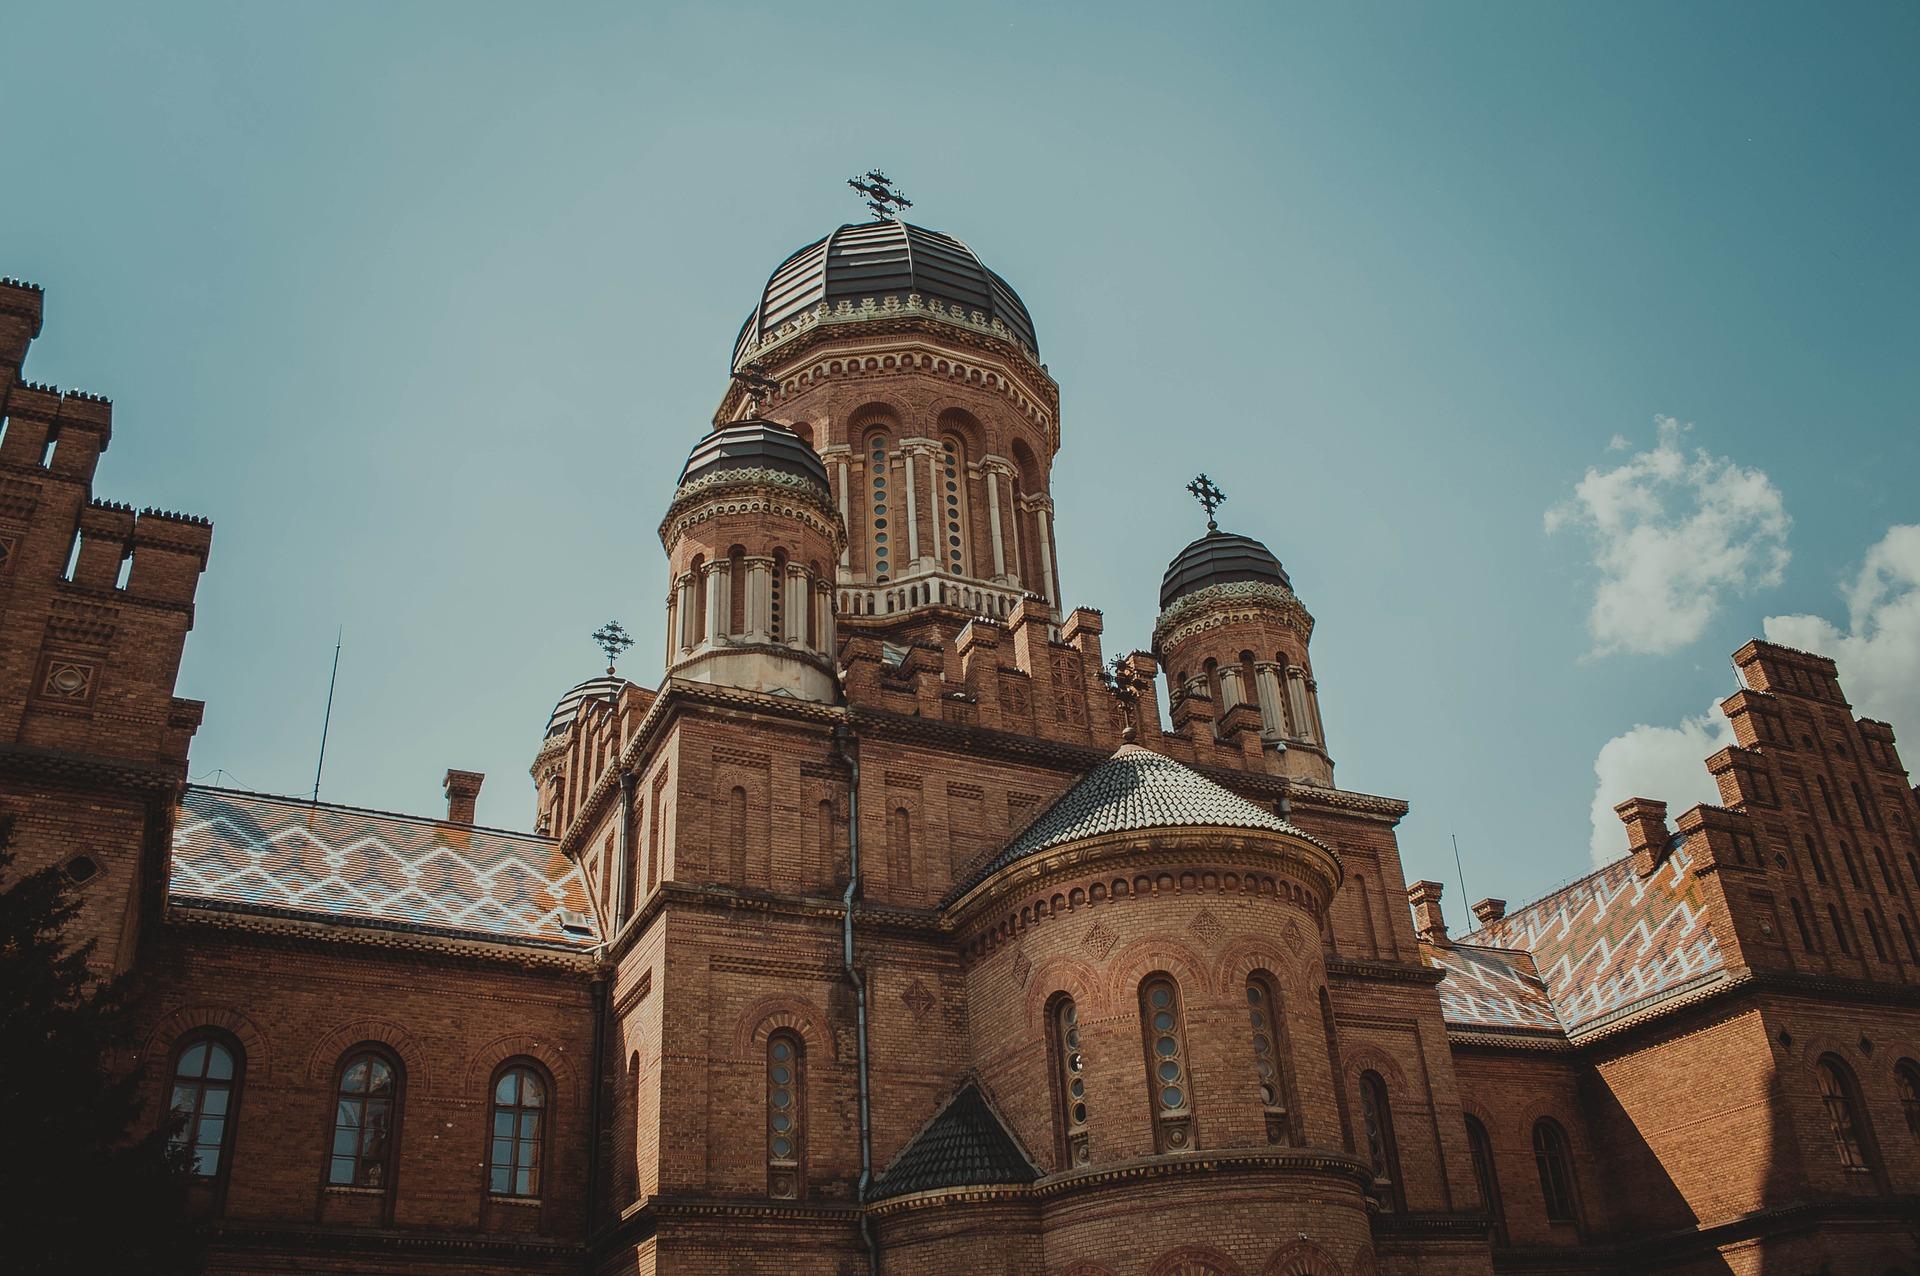 Об'єкти всесвітньої спадщини ЮНЕСКО в Україні